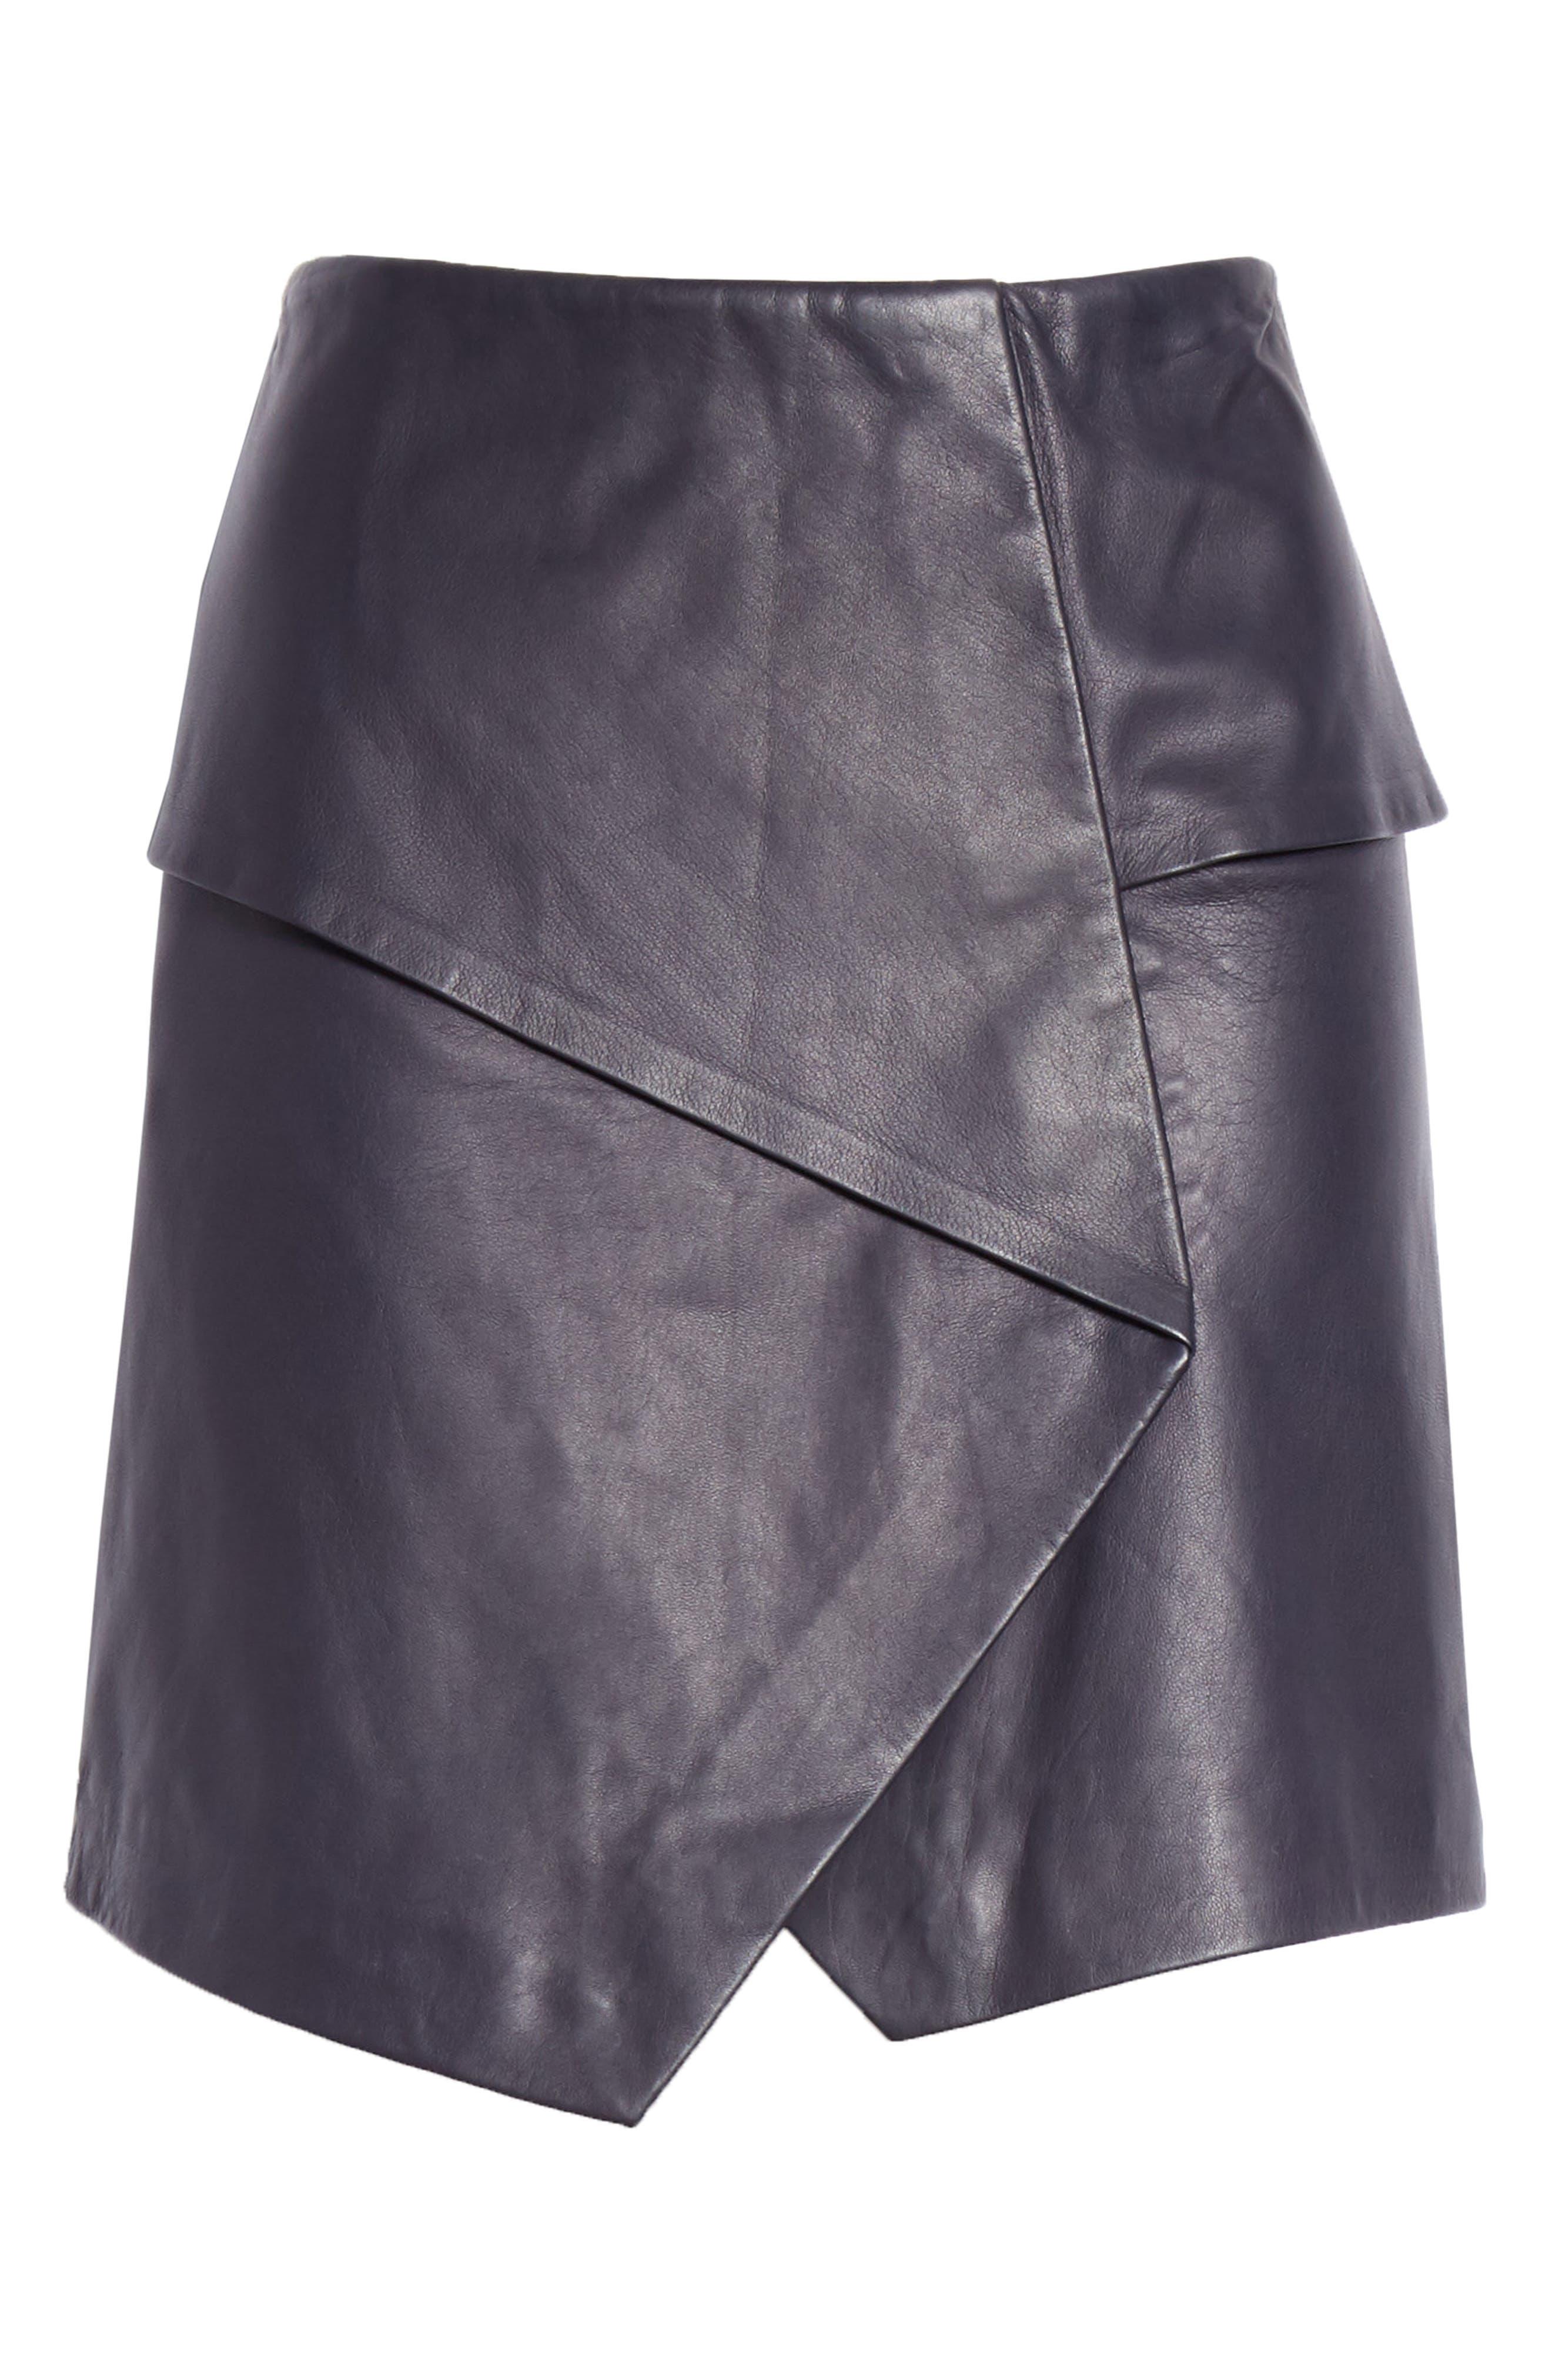 JOIE, Akirako Leather Miniskirt, Alternate thumbnail 6, color, MIDNIGHT